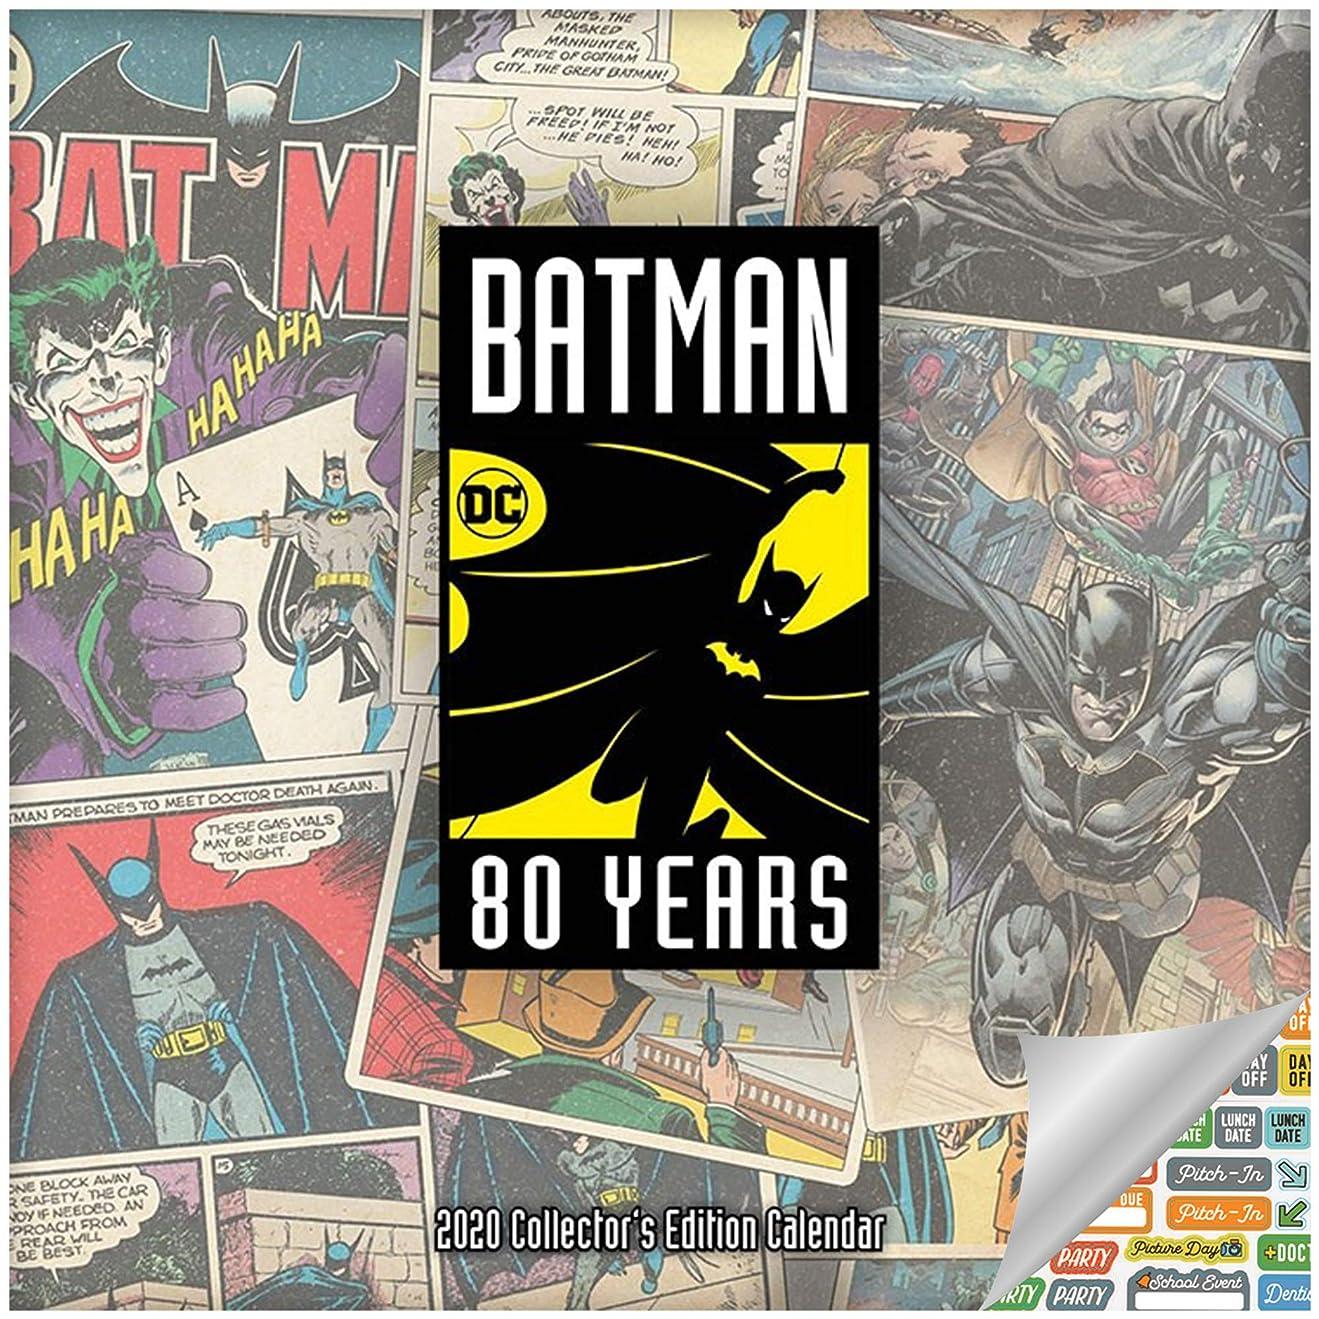 脆い順応性うまバットマン カレンダー 202020セット デラックス 2020 バットマン コレクターズカレンダー 80周年記念 100枚以上のカレンダー ステッカー付き (バットマンギフト DCコミックス)